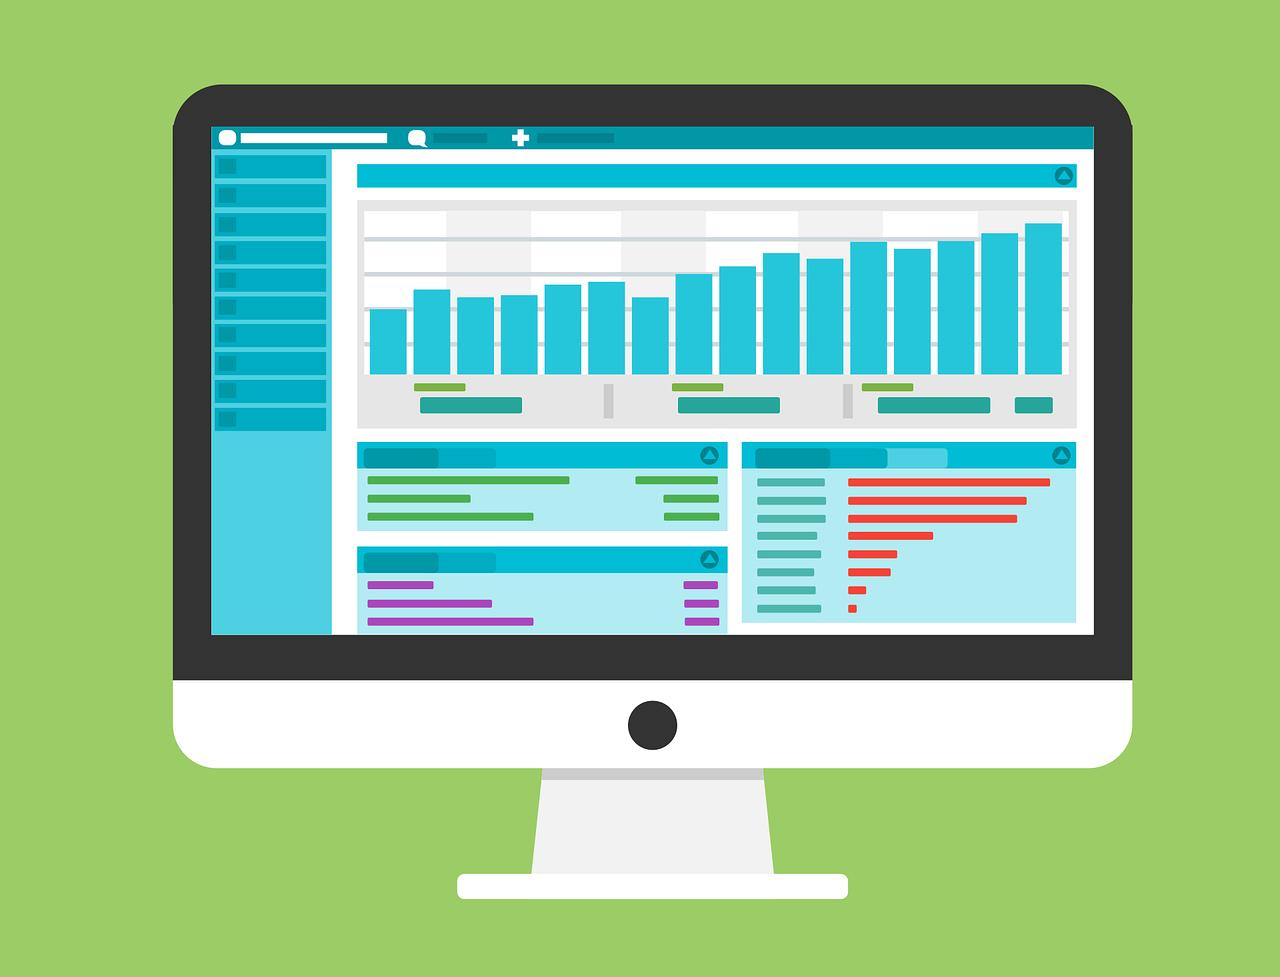 Computer Analytics graphic